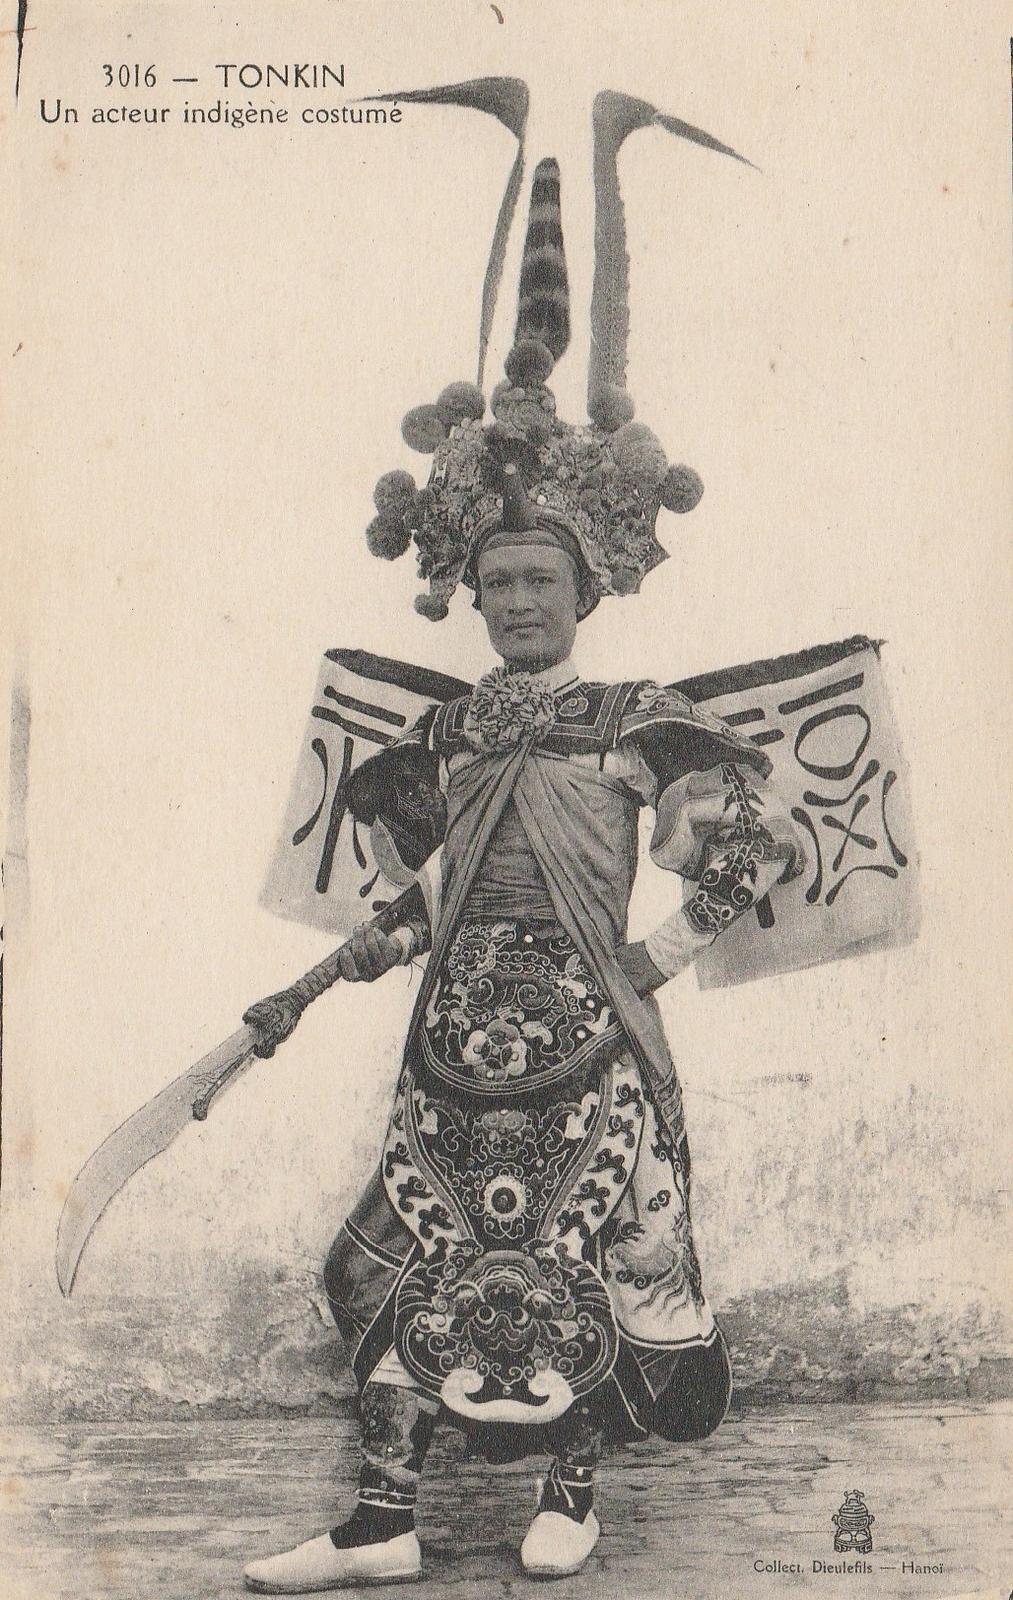 -  Acteur indigène costumé du Tonkin